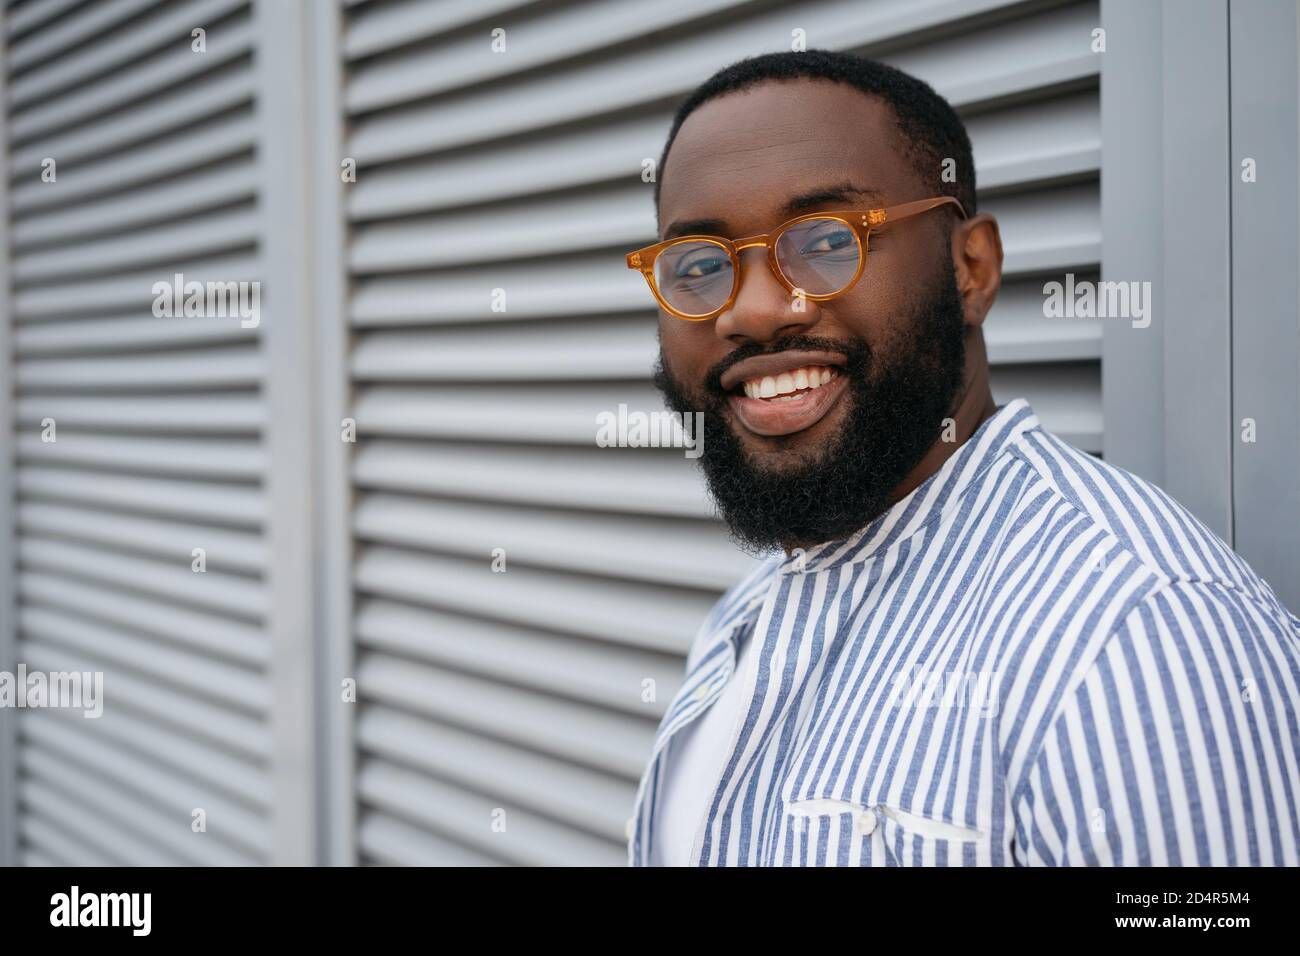 Nahaufnahme Porträt des erfolgreichen afroamerikanischen Mannes mit stilvollen Brillen. Schönes Modell, das die Kamera anschaut, lächelnd, isoliert auf dem Hintergrund Stockfoto